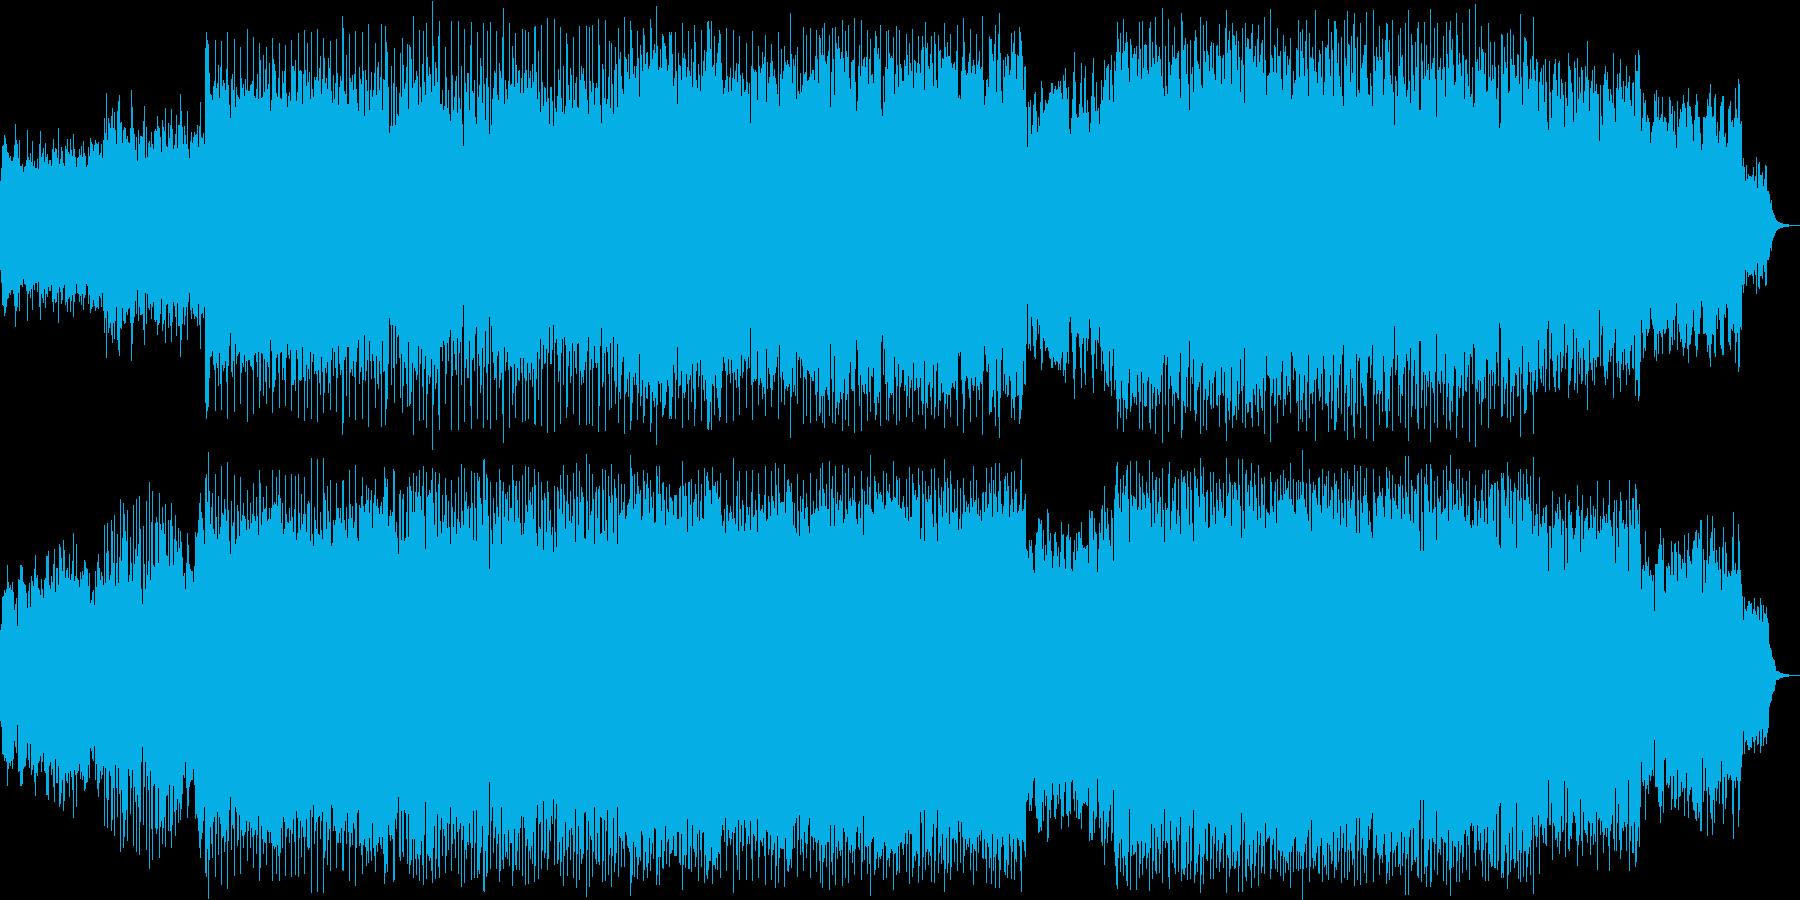 おしゃれなシンセサイザーハウス系ポップの再生済みの波形